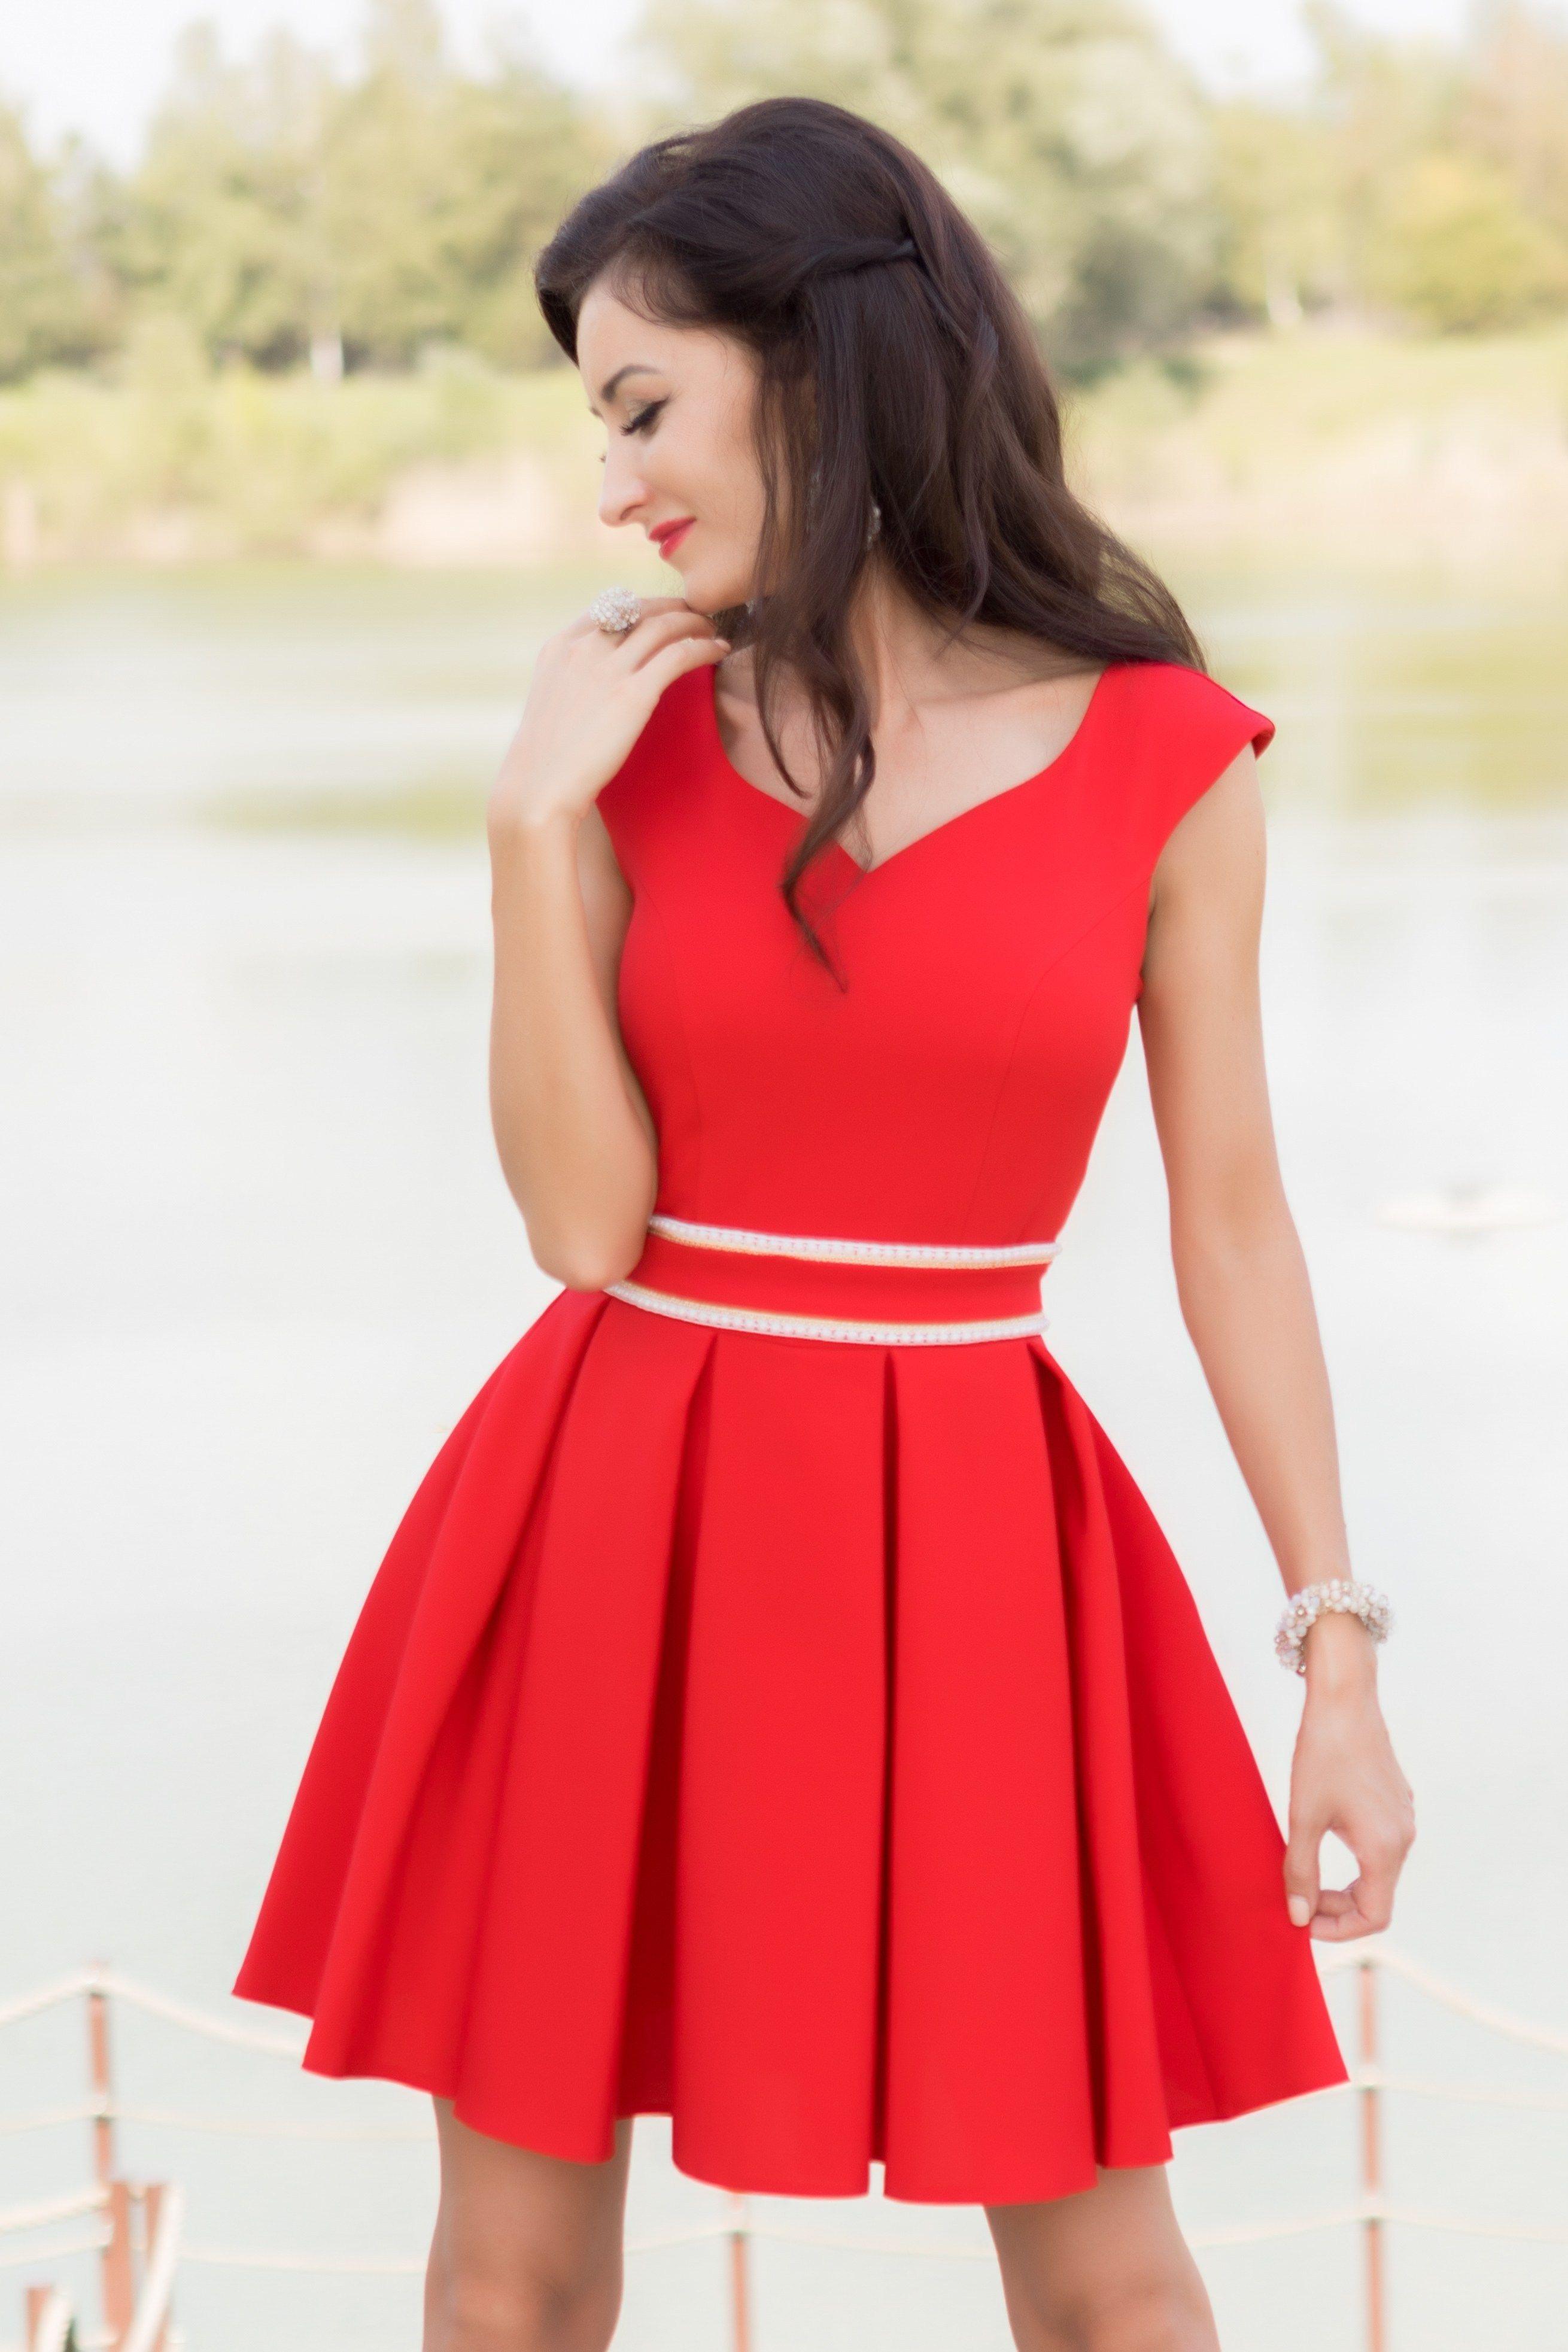 4c6379ae1792 Krátke červené šaty s opaskom sú vhodné na svadbu či inú spoločenskú  udalosť. Šaty sú